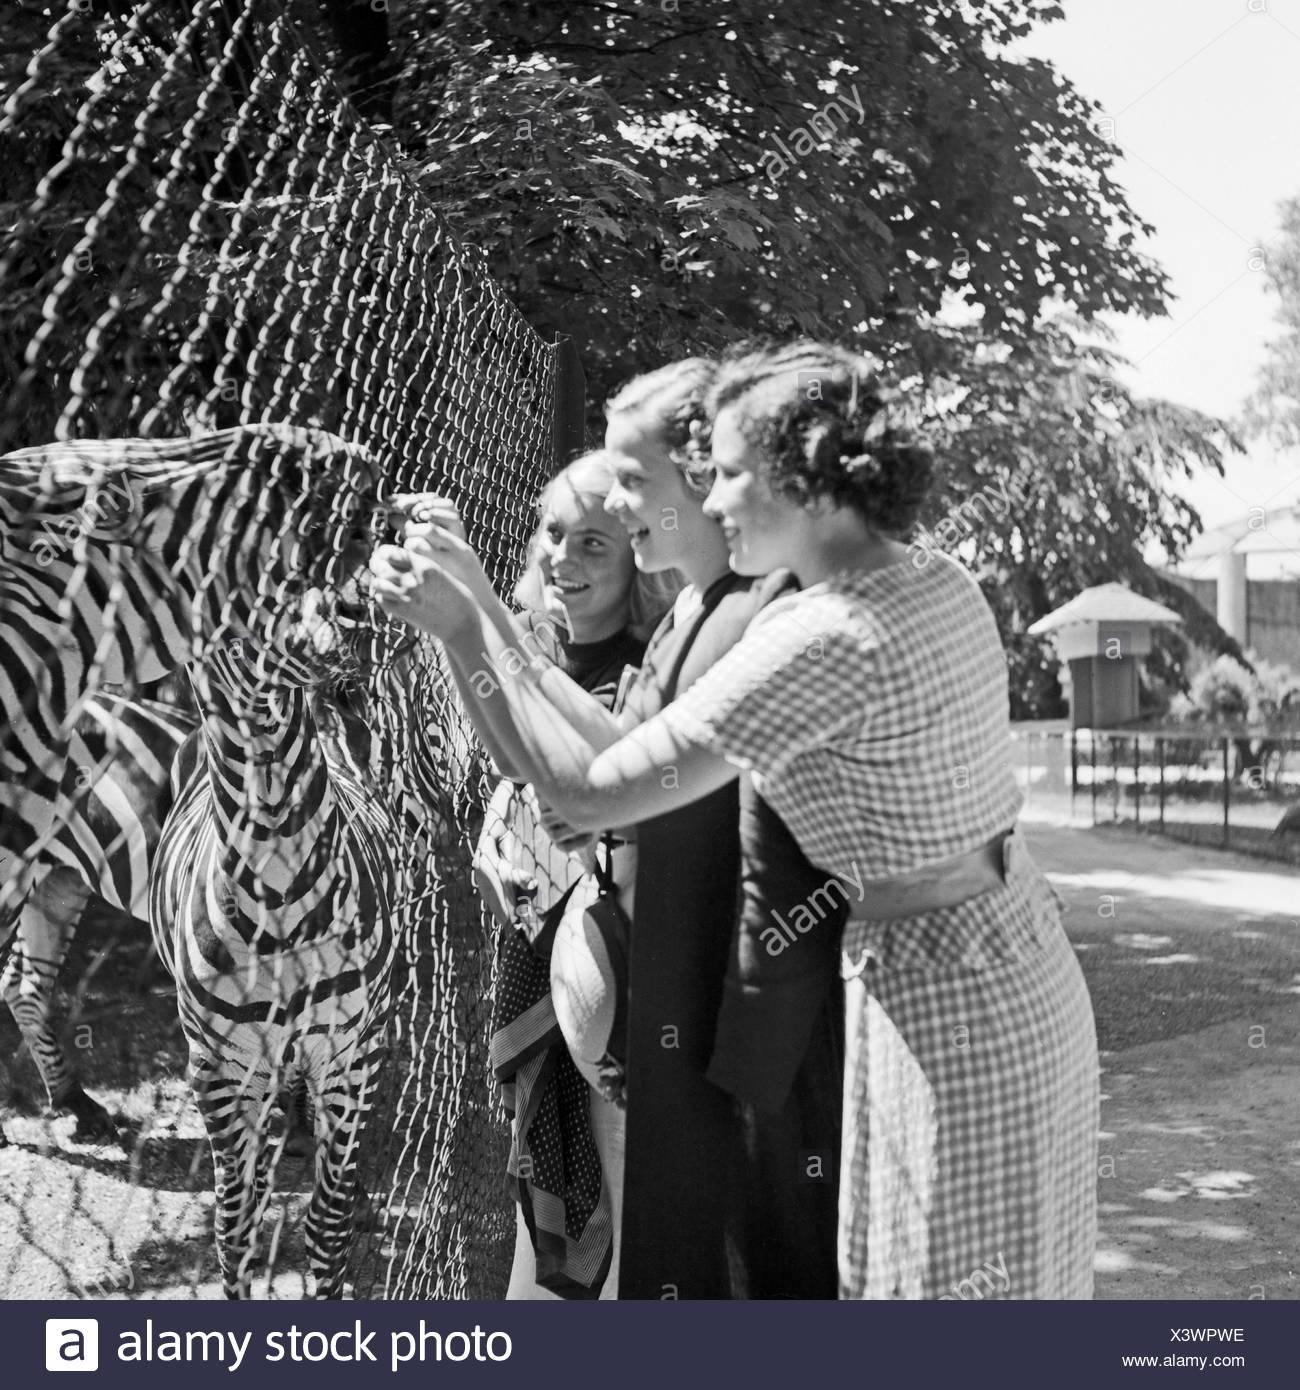 Drei Junge Frauen bin Zebragehege Im Wilhelma Tierpark in Stuttgart, Deutschland, 1930er Jahre. Drei junge Frauen bei der Zebra Verbindung an Wilhelma Zoologischer Gärten in Stuttgart, Deutschland der 1930er Jahre. Stockbild